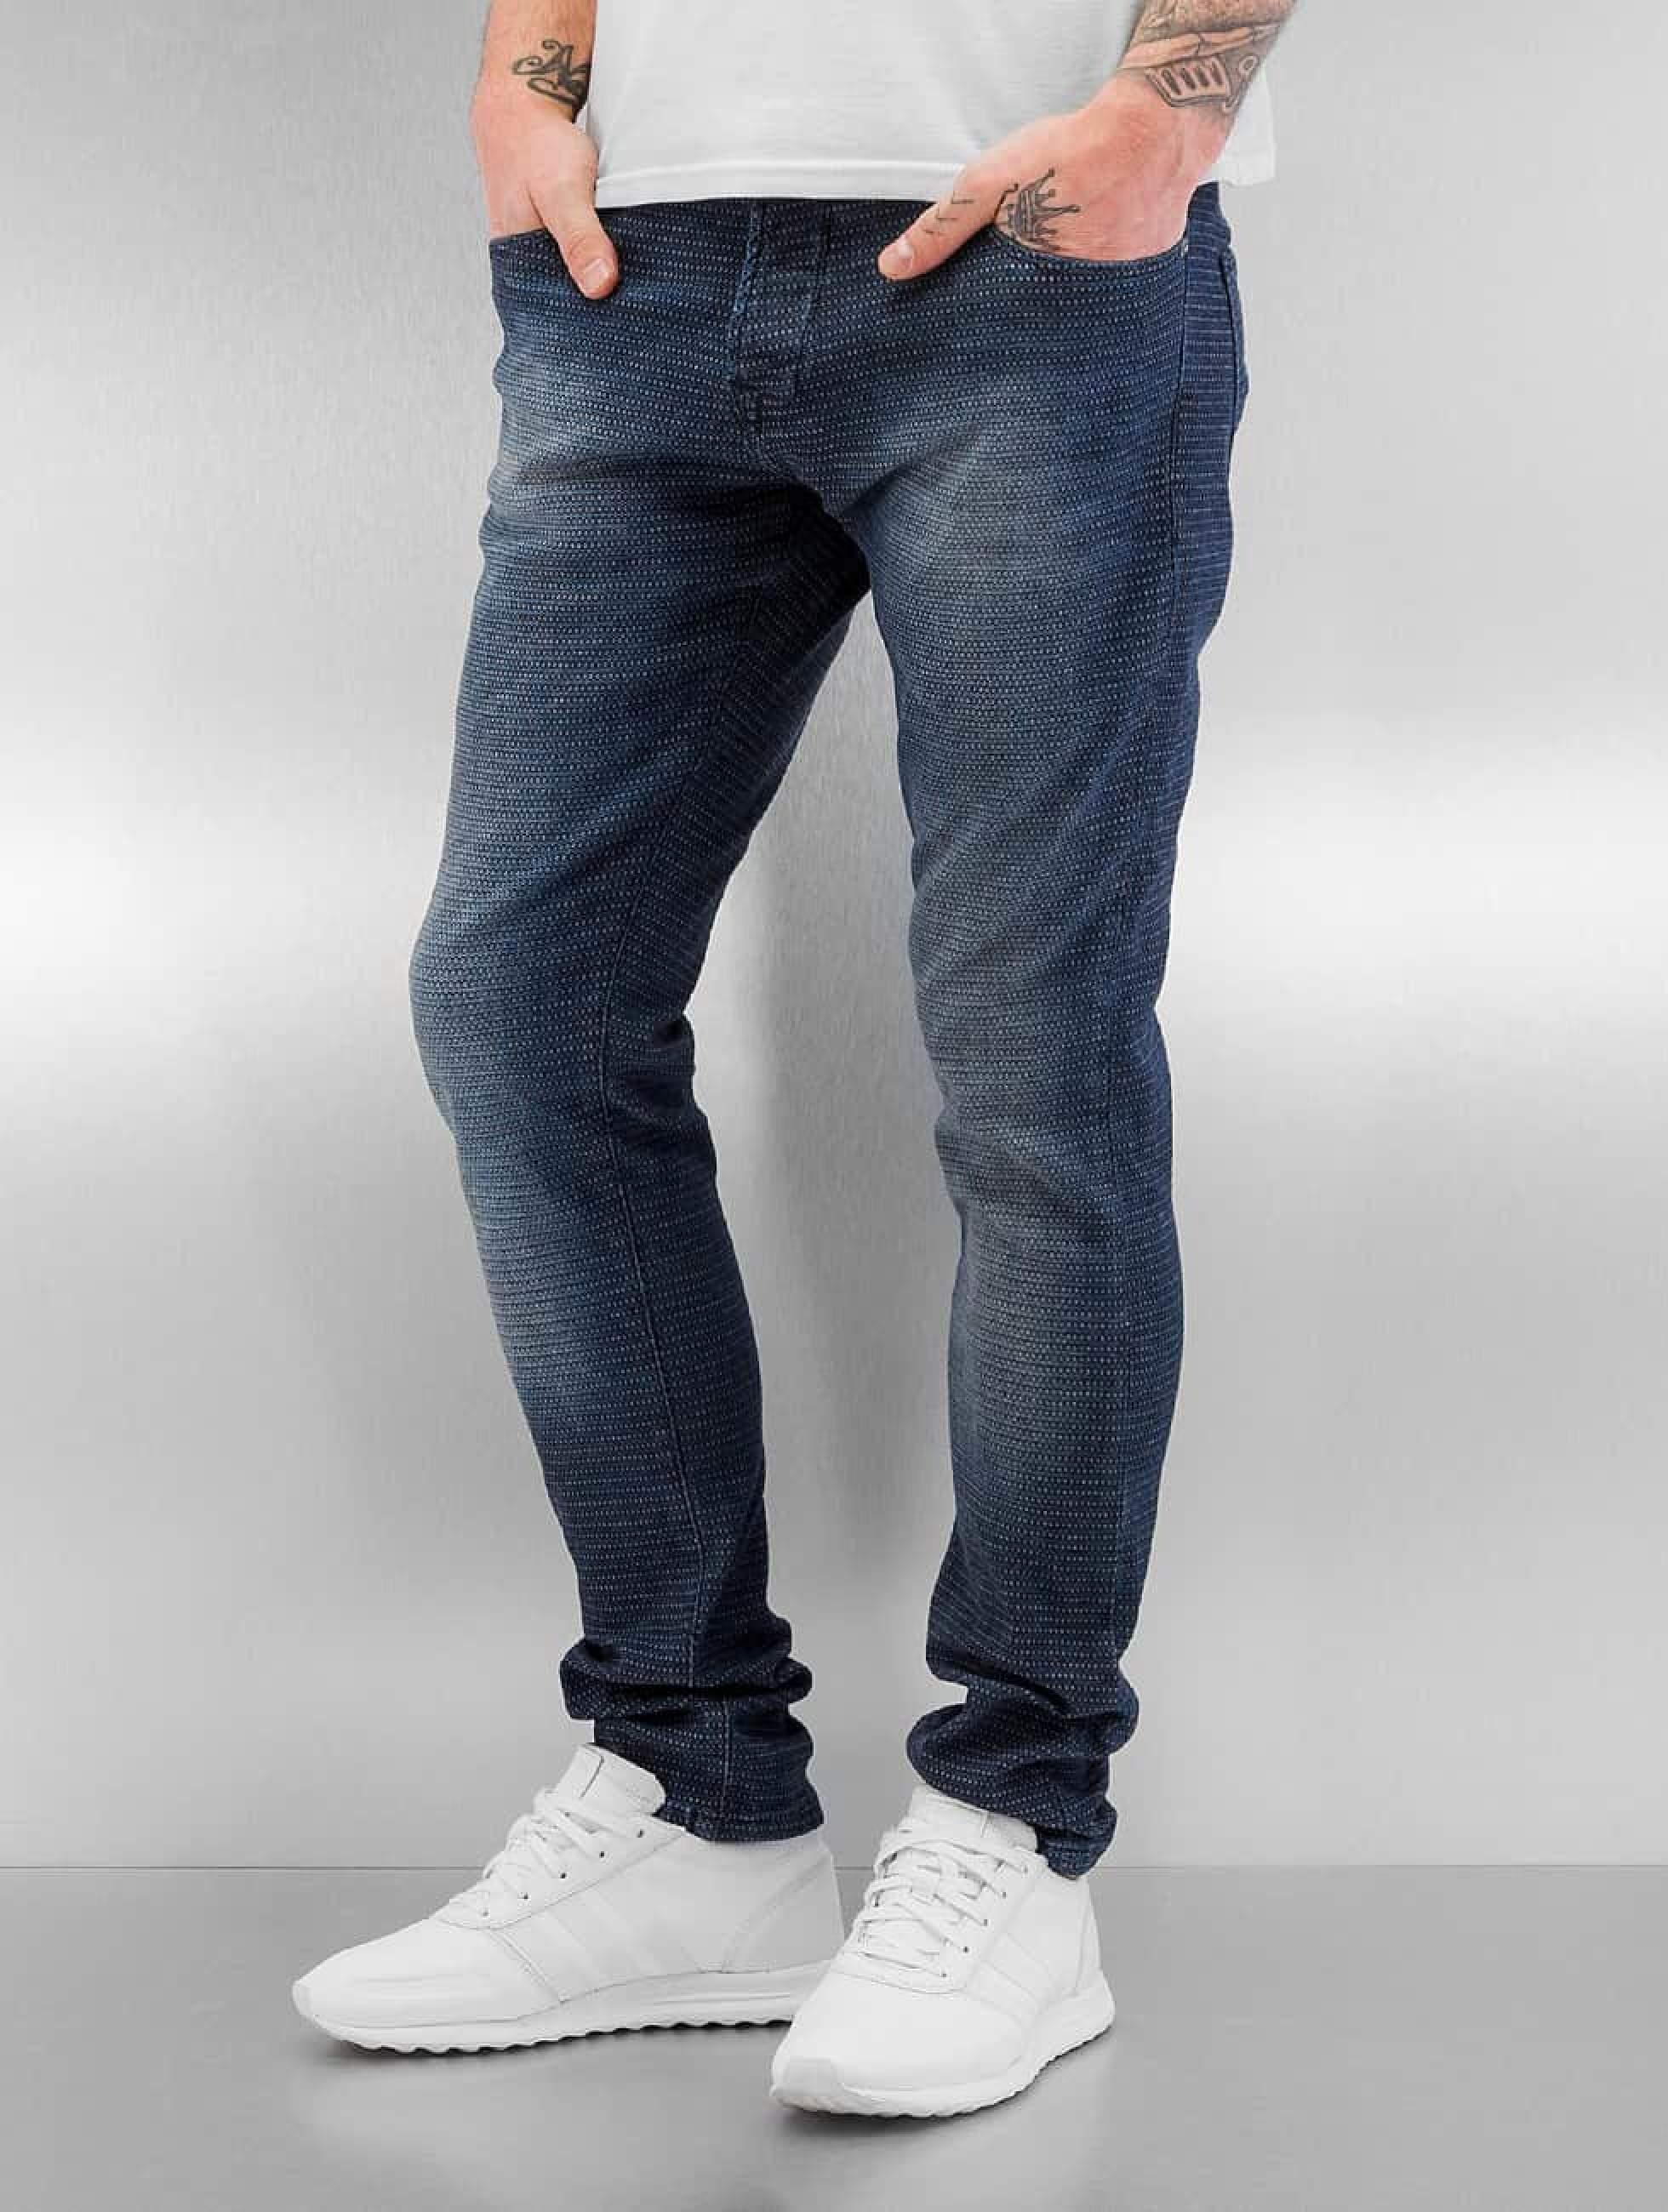 2Y / Skinny Jeans Pattern in blue W 36